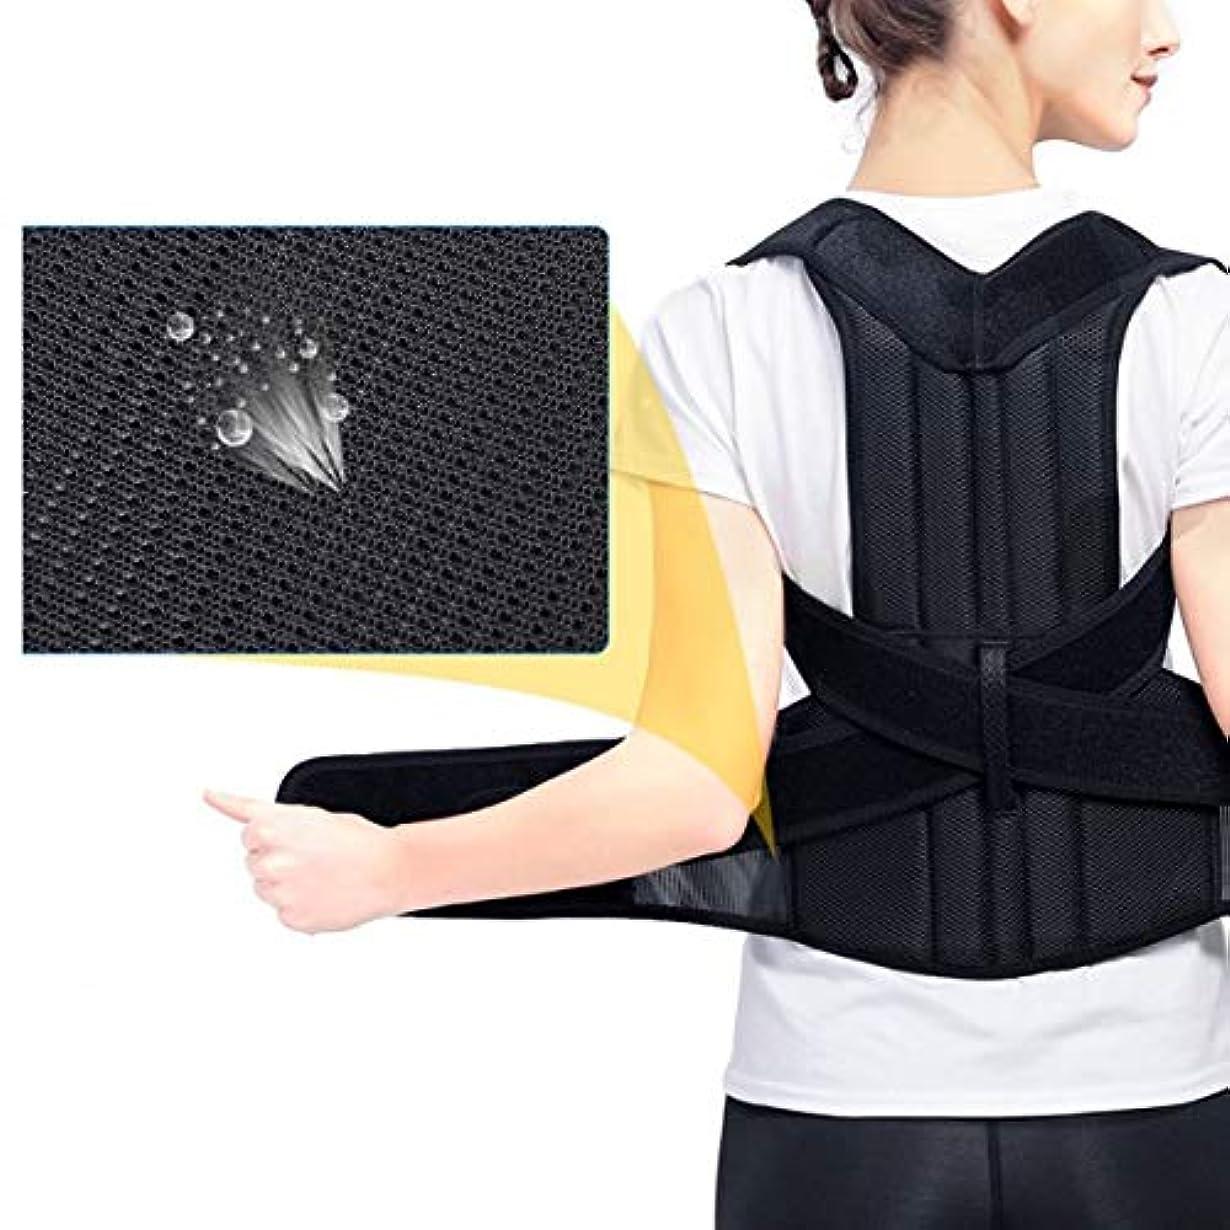 コーンウォール列車身元腰椎矯正バックブレース背骨装具側弯症腰椎サポート脊椎湾曲装具固定用姿勢 - 黒